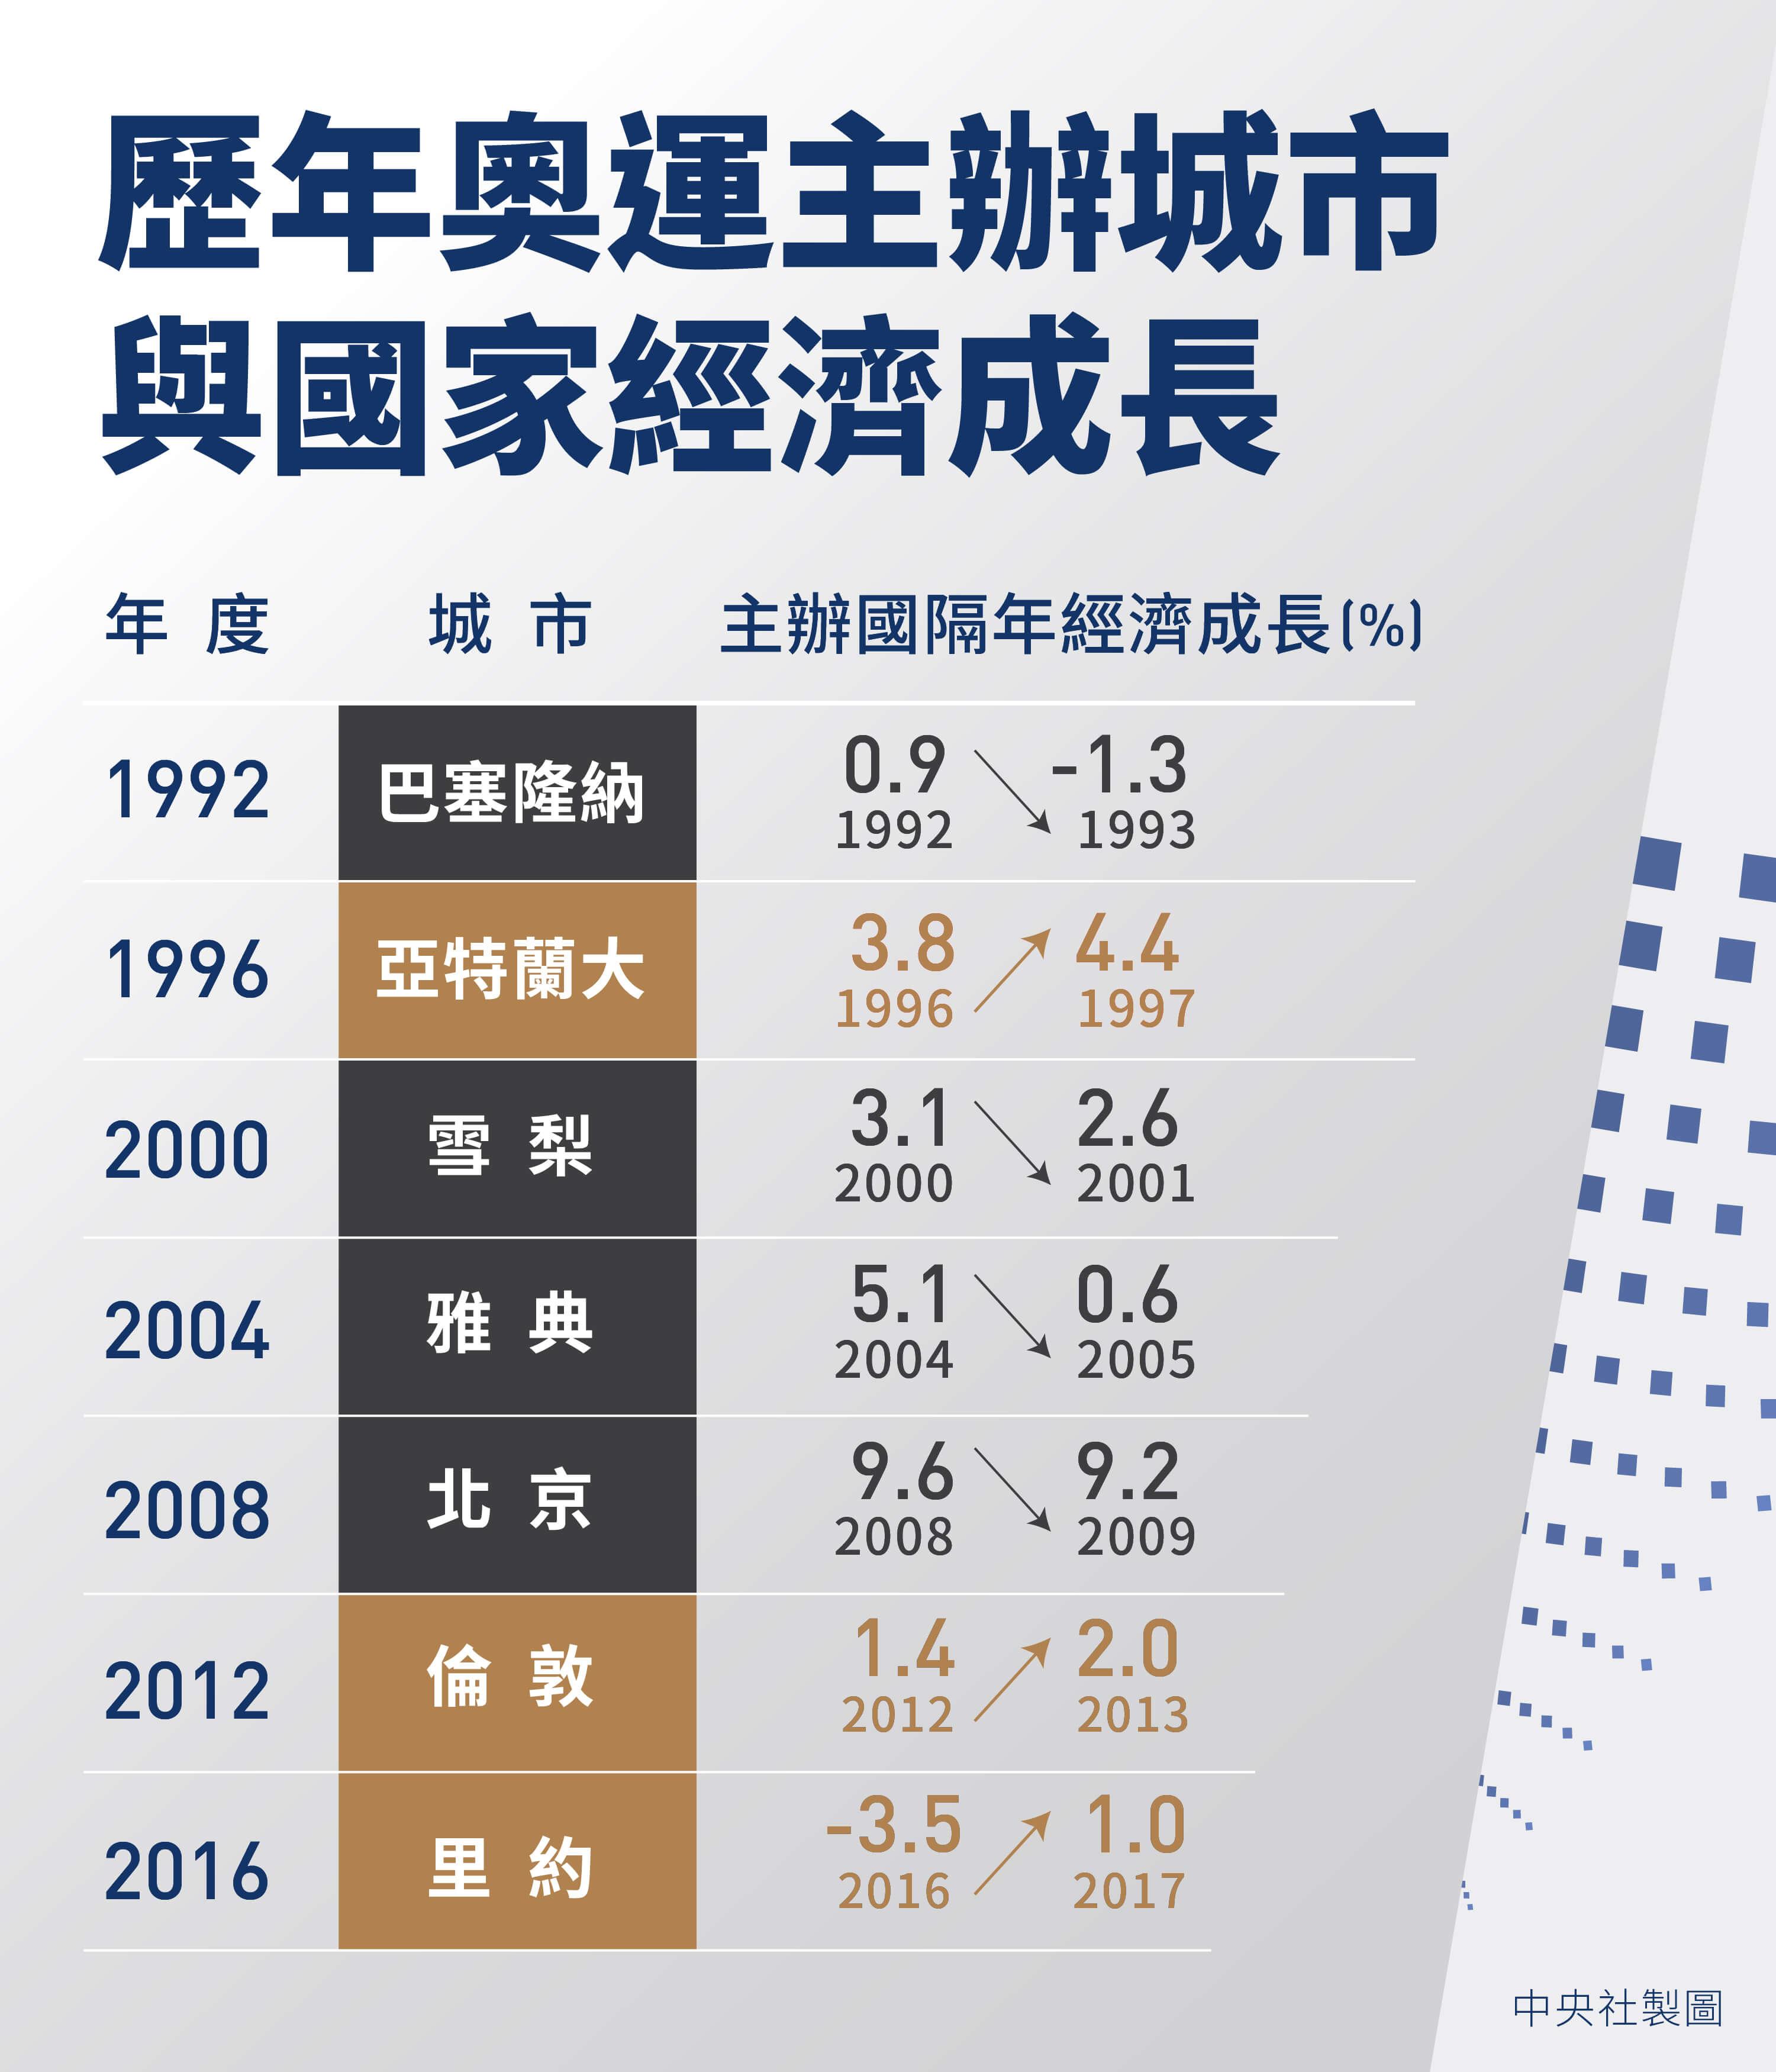 觀察從1990年代以來7個主辦奧運的國家,在奧運結束後陷入景氣衰退的只有1992年巴塞隆納奧運的主辦國西班牙,其他6次奧運主辦國在舉辦奧運後,隔年經濟成長率都是正成長。(中央社製圖)